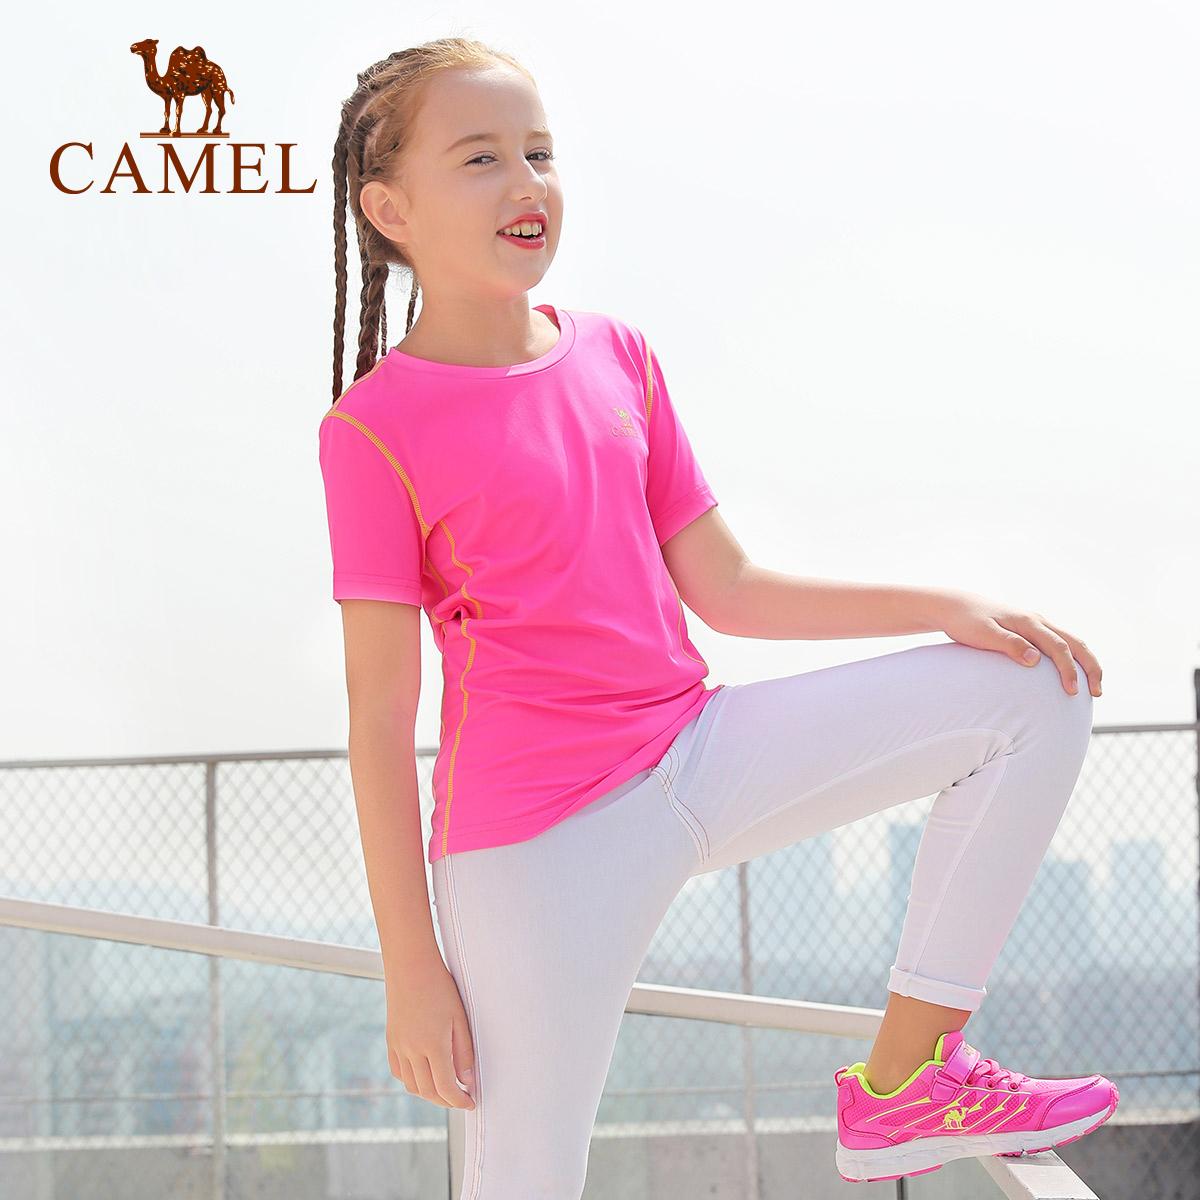 CAMEL 骆驼春夏男女童短袖T恤 儿童套头圆领透气吸汗休闲运动上衣